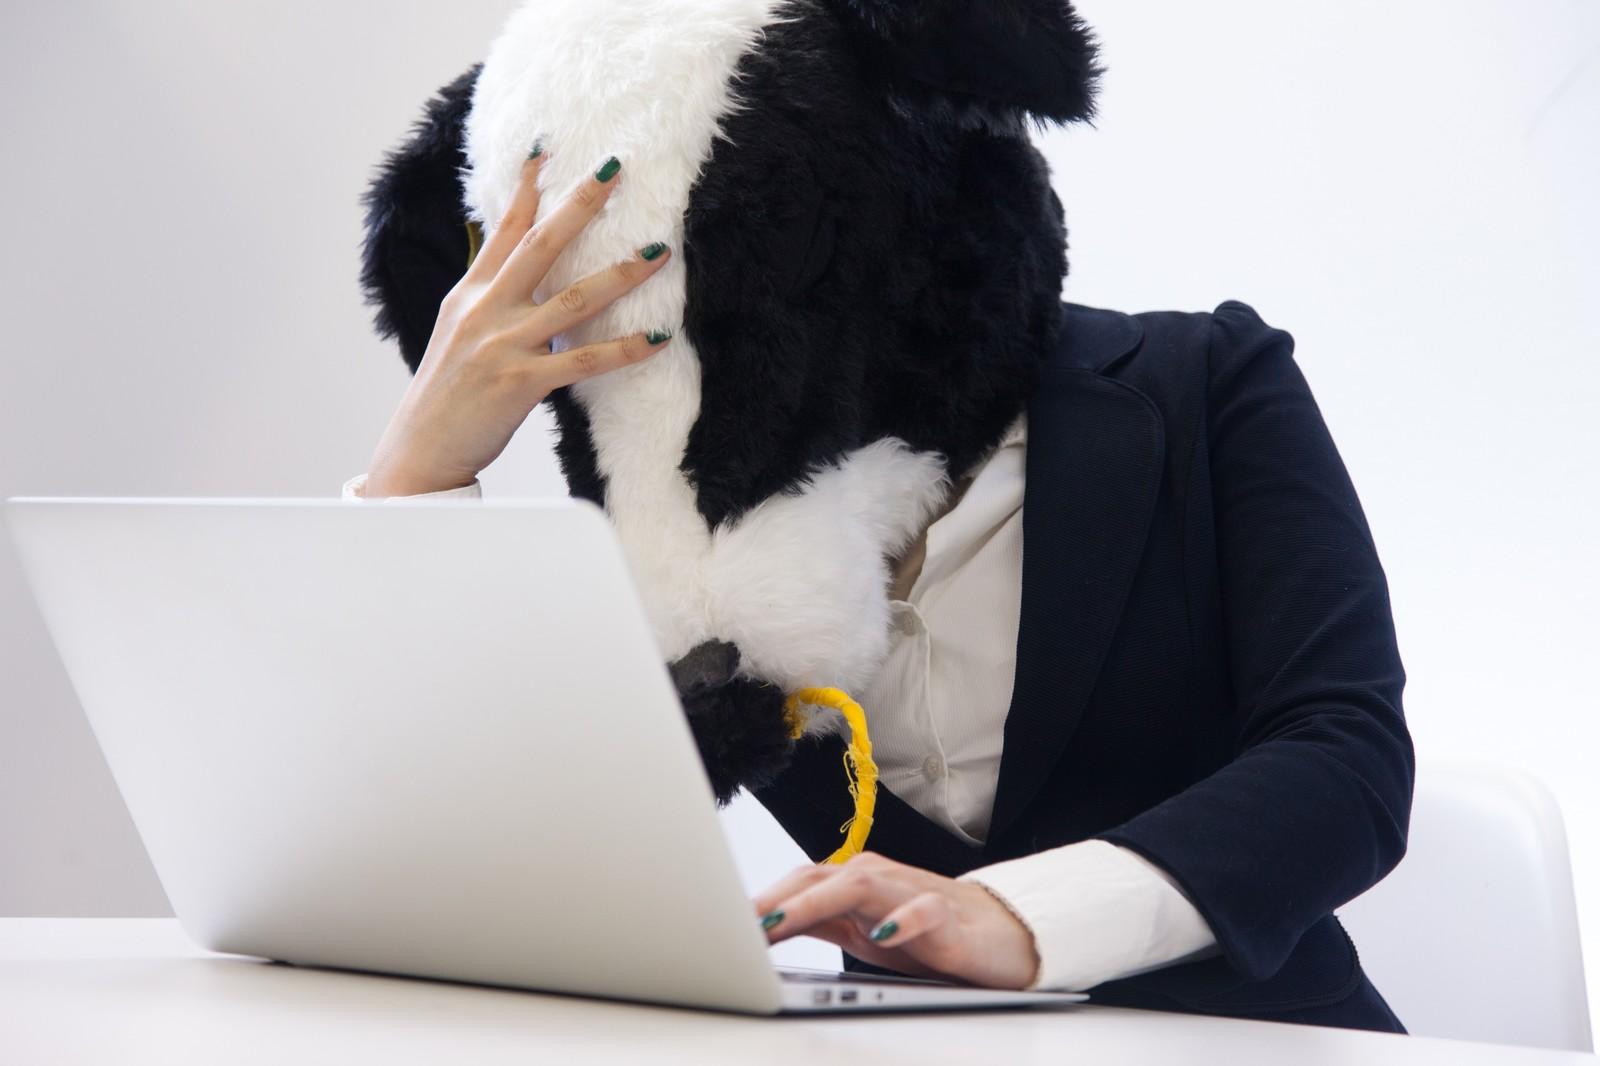 20代フリーターが厳しい就職率をネットで検索してしまった風景